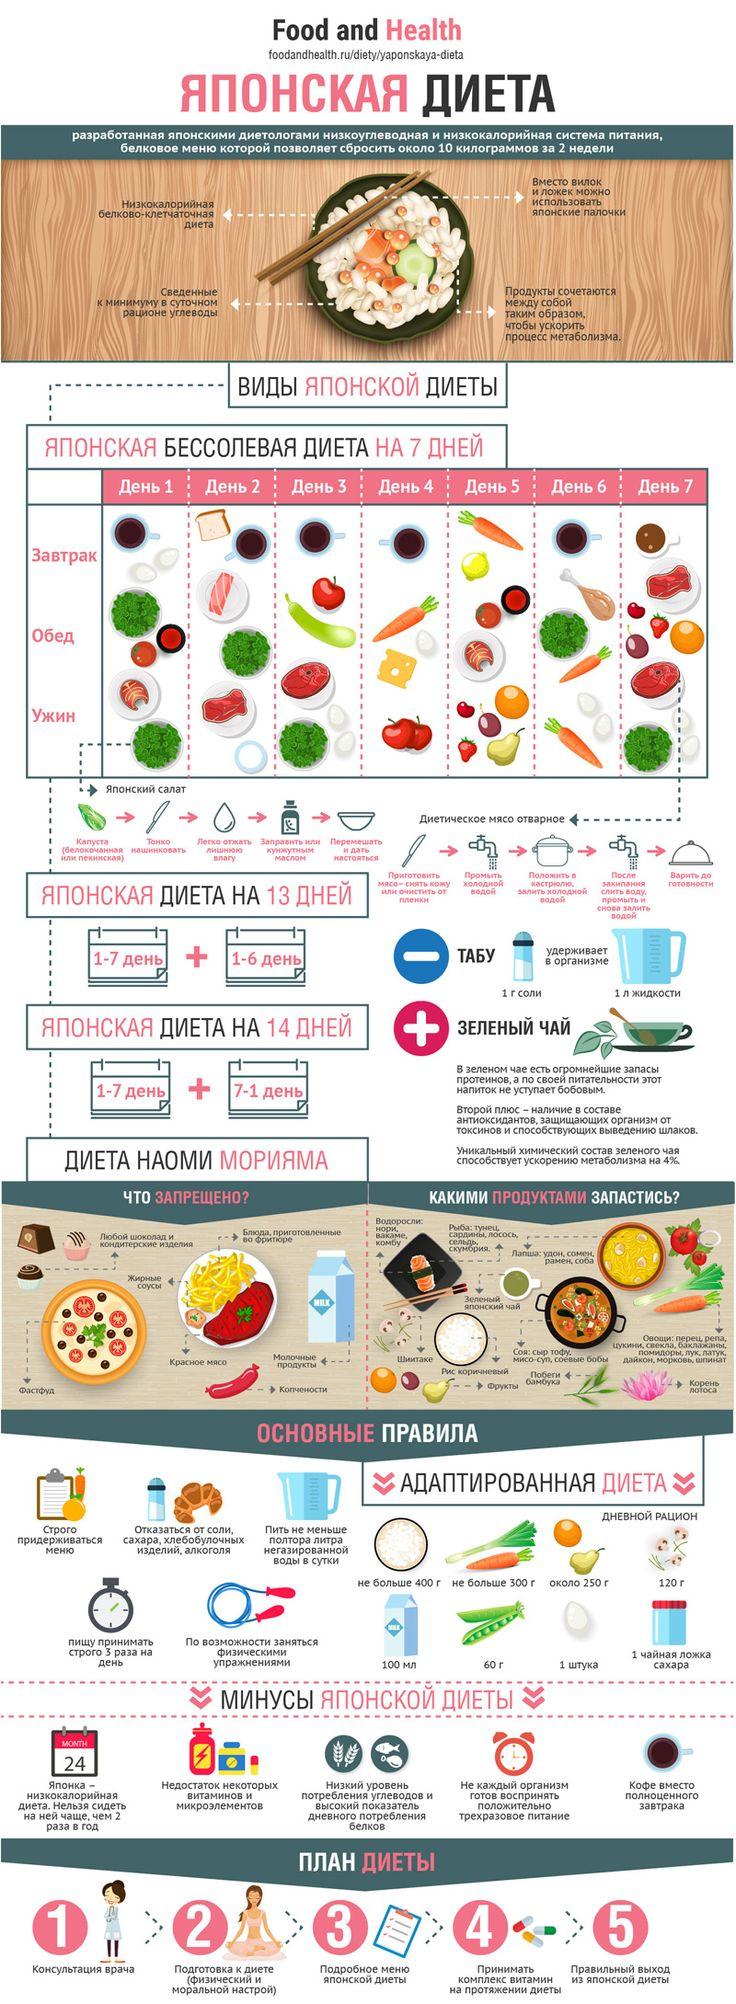 Какие Продукты Нужны Для Японской Диеты. Японская диета на 14 дней: восточный взгляд на стройность